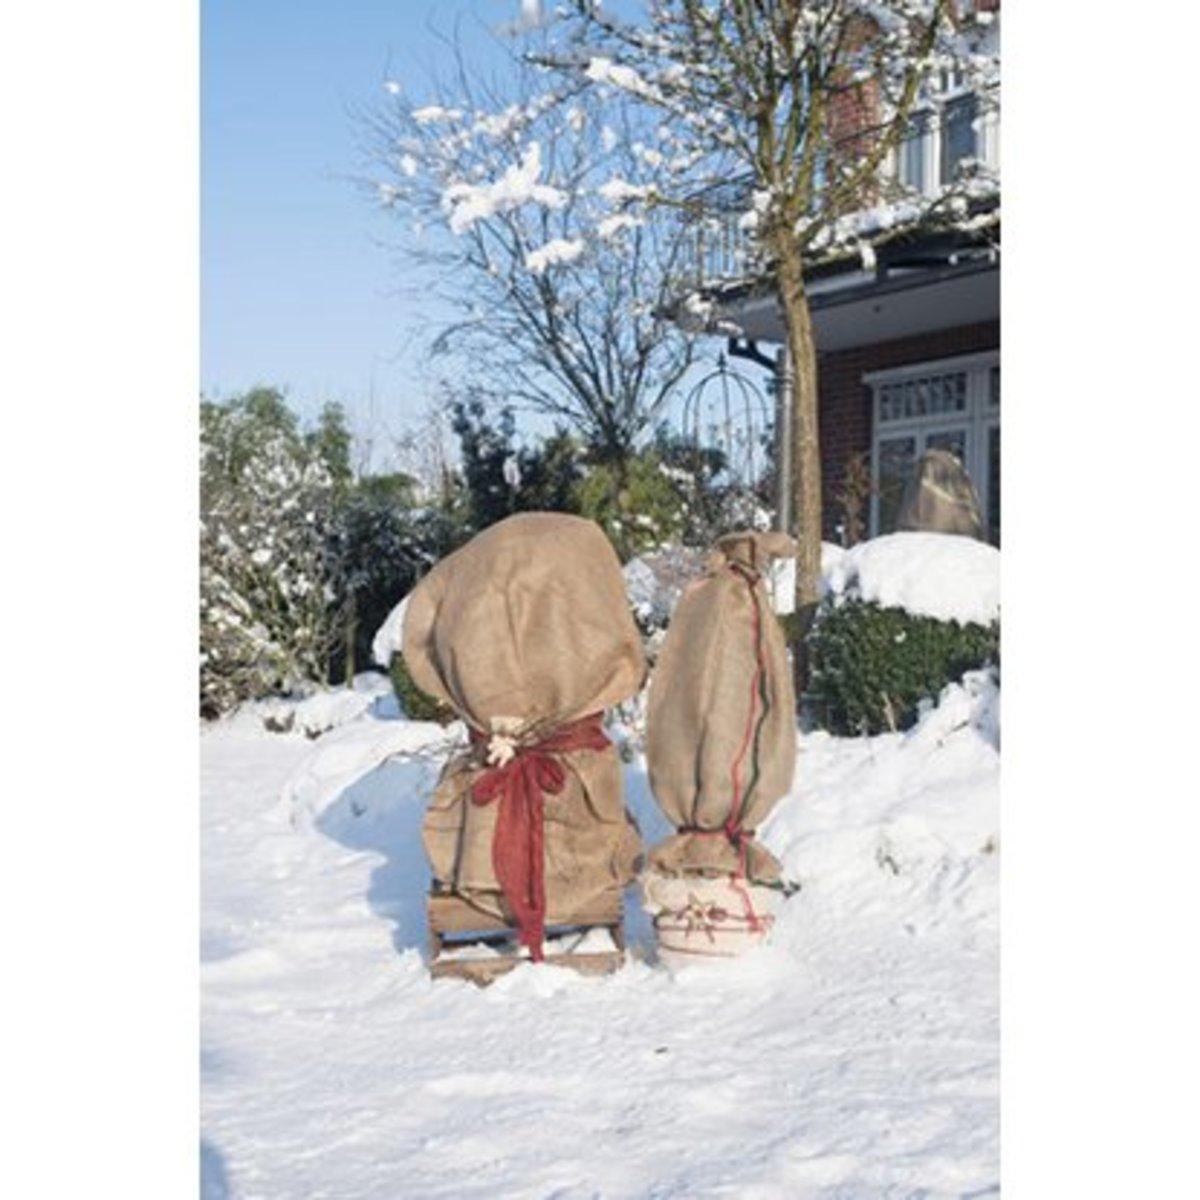 Bild 2 von Videx Garden Winterschutz Jutesack Natur 60 cm x 80 cm